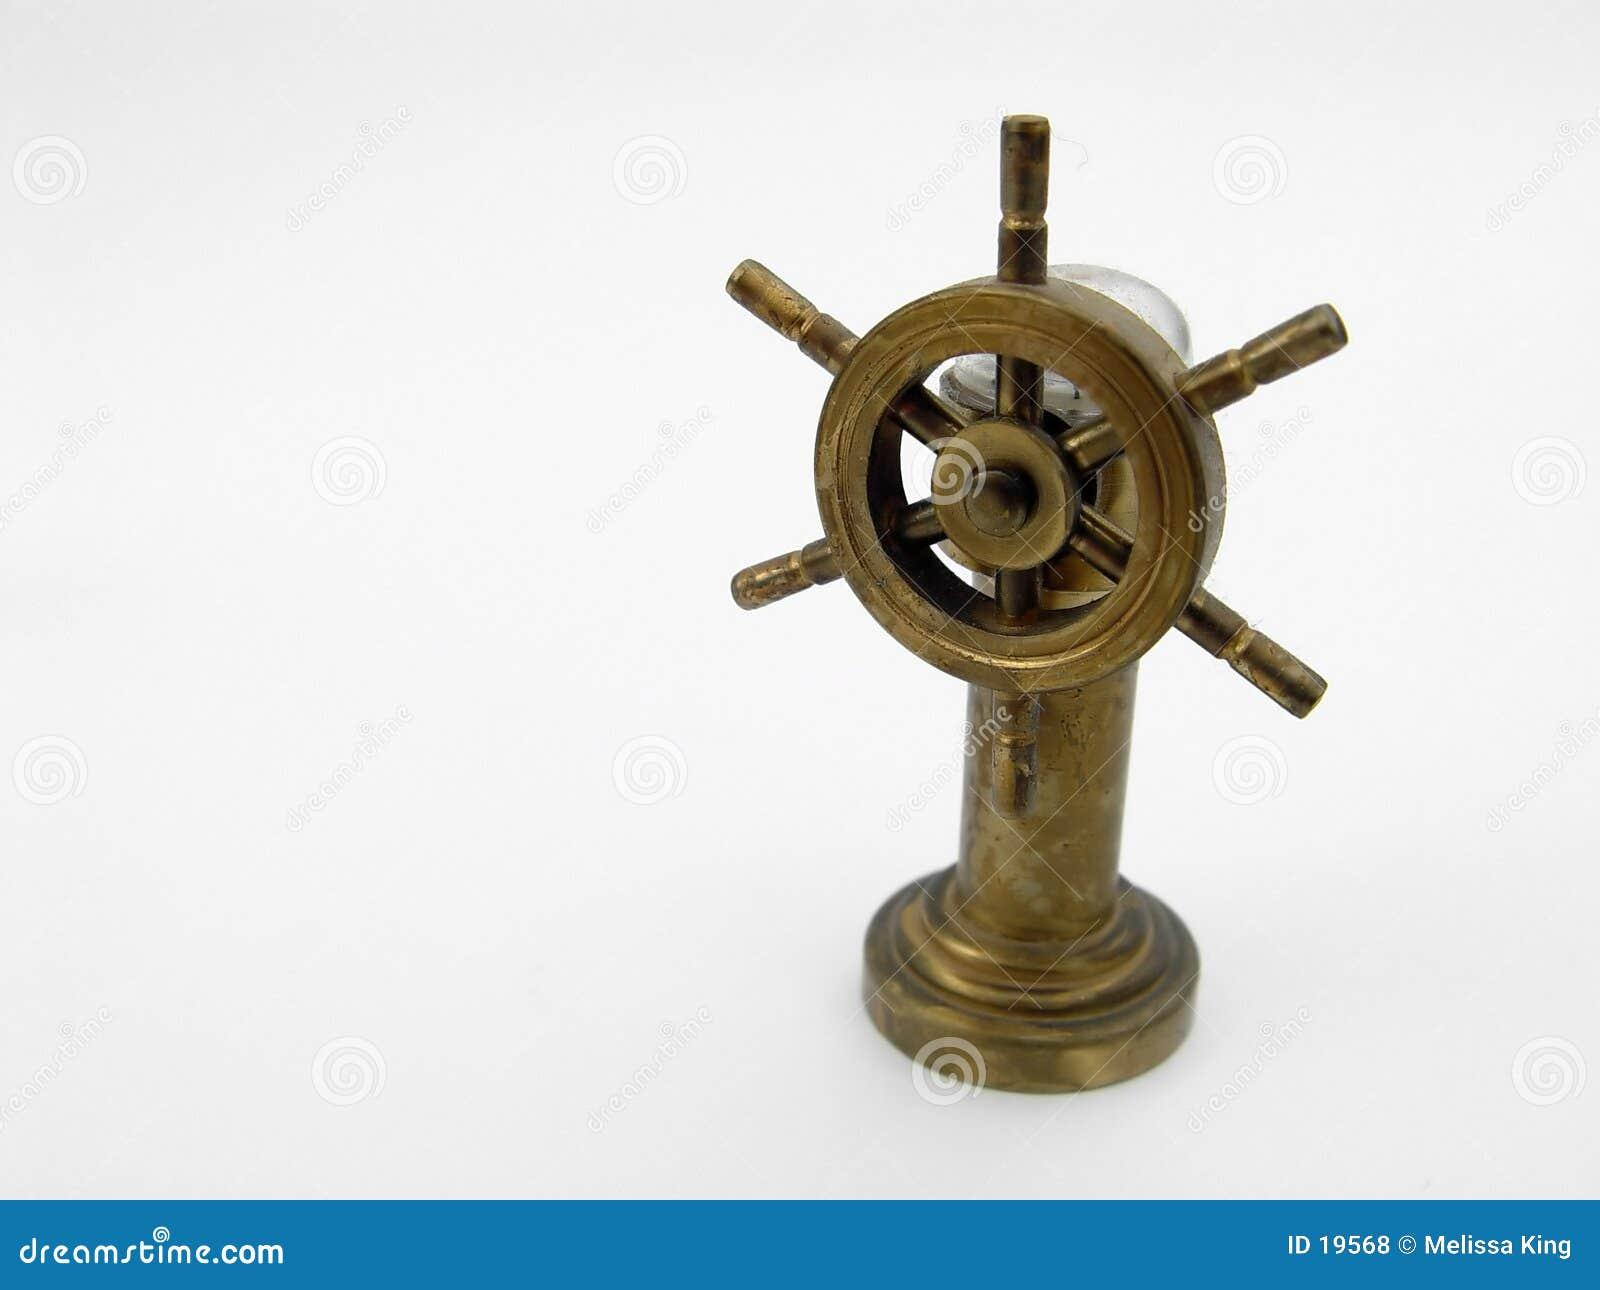 Miniture Boat Wheel